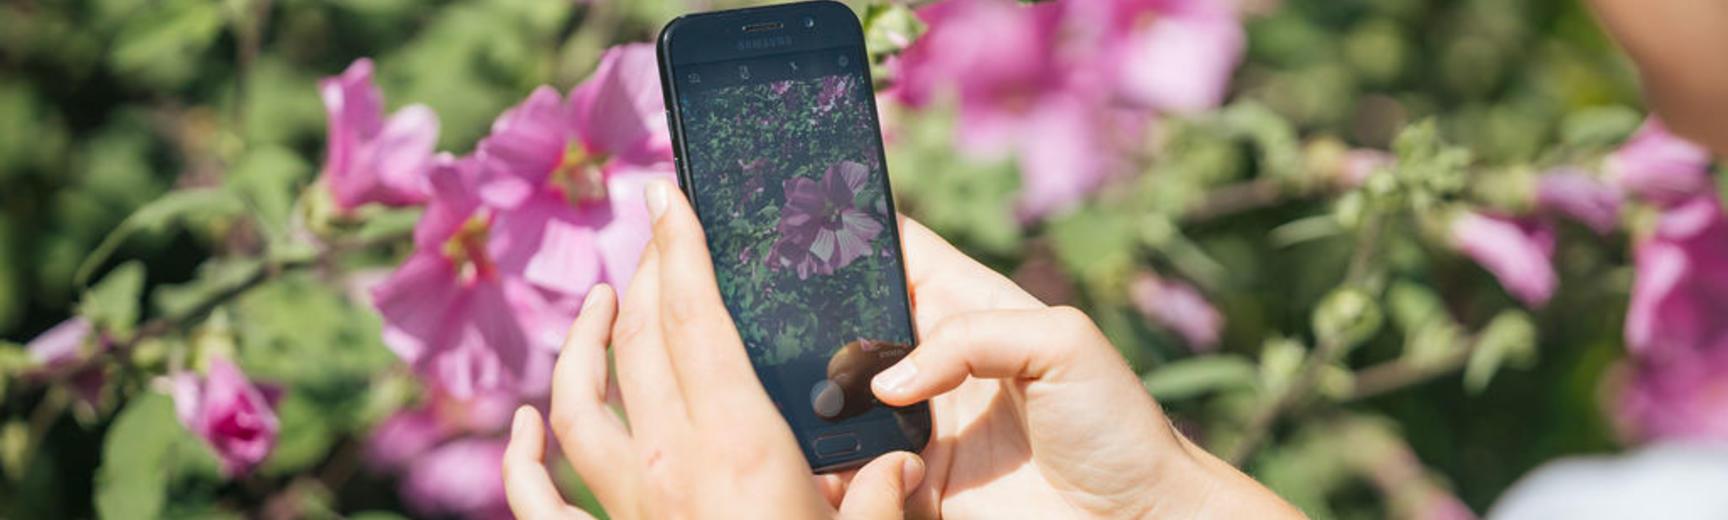 botanicgardensopeningbyianwallman 5751